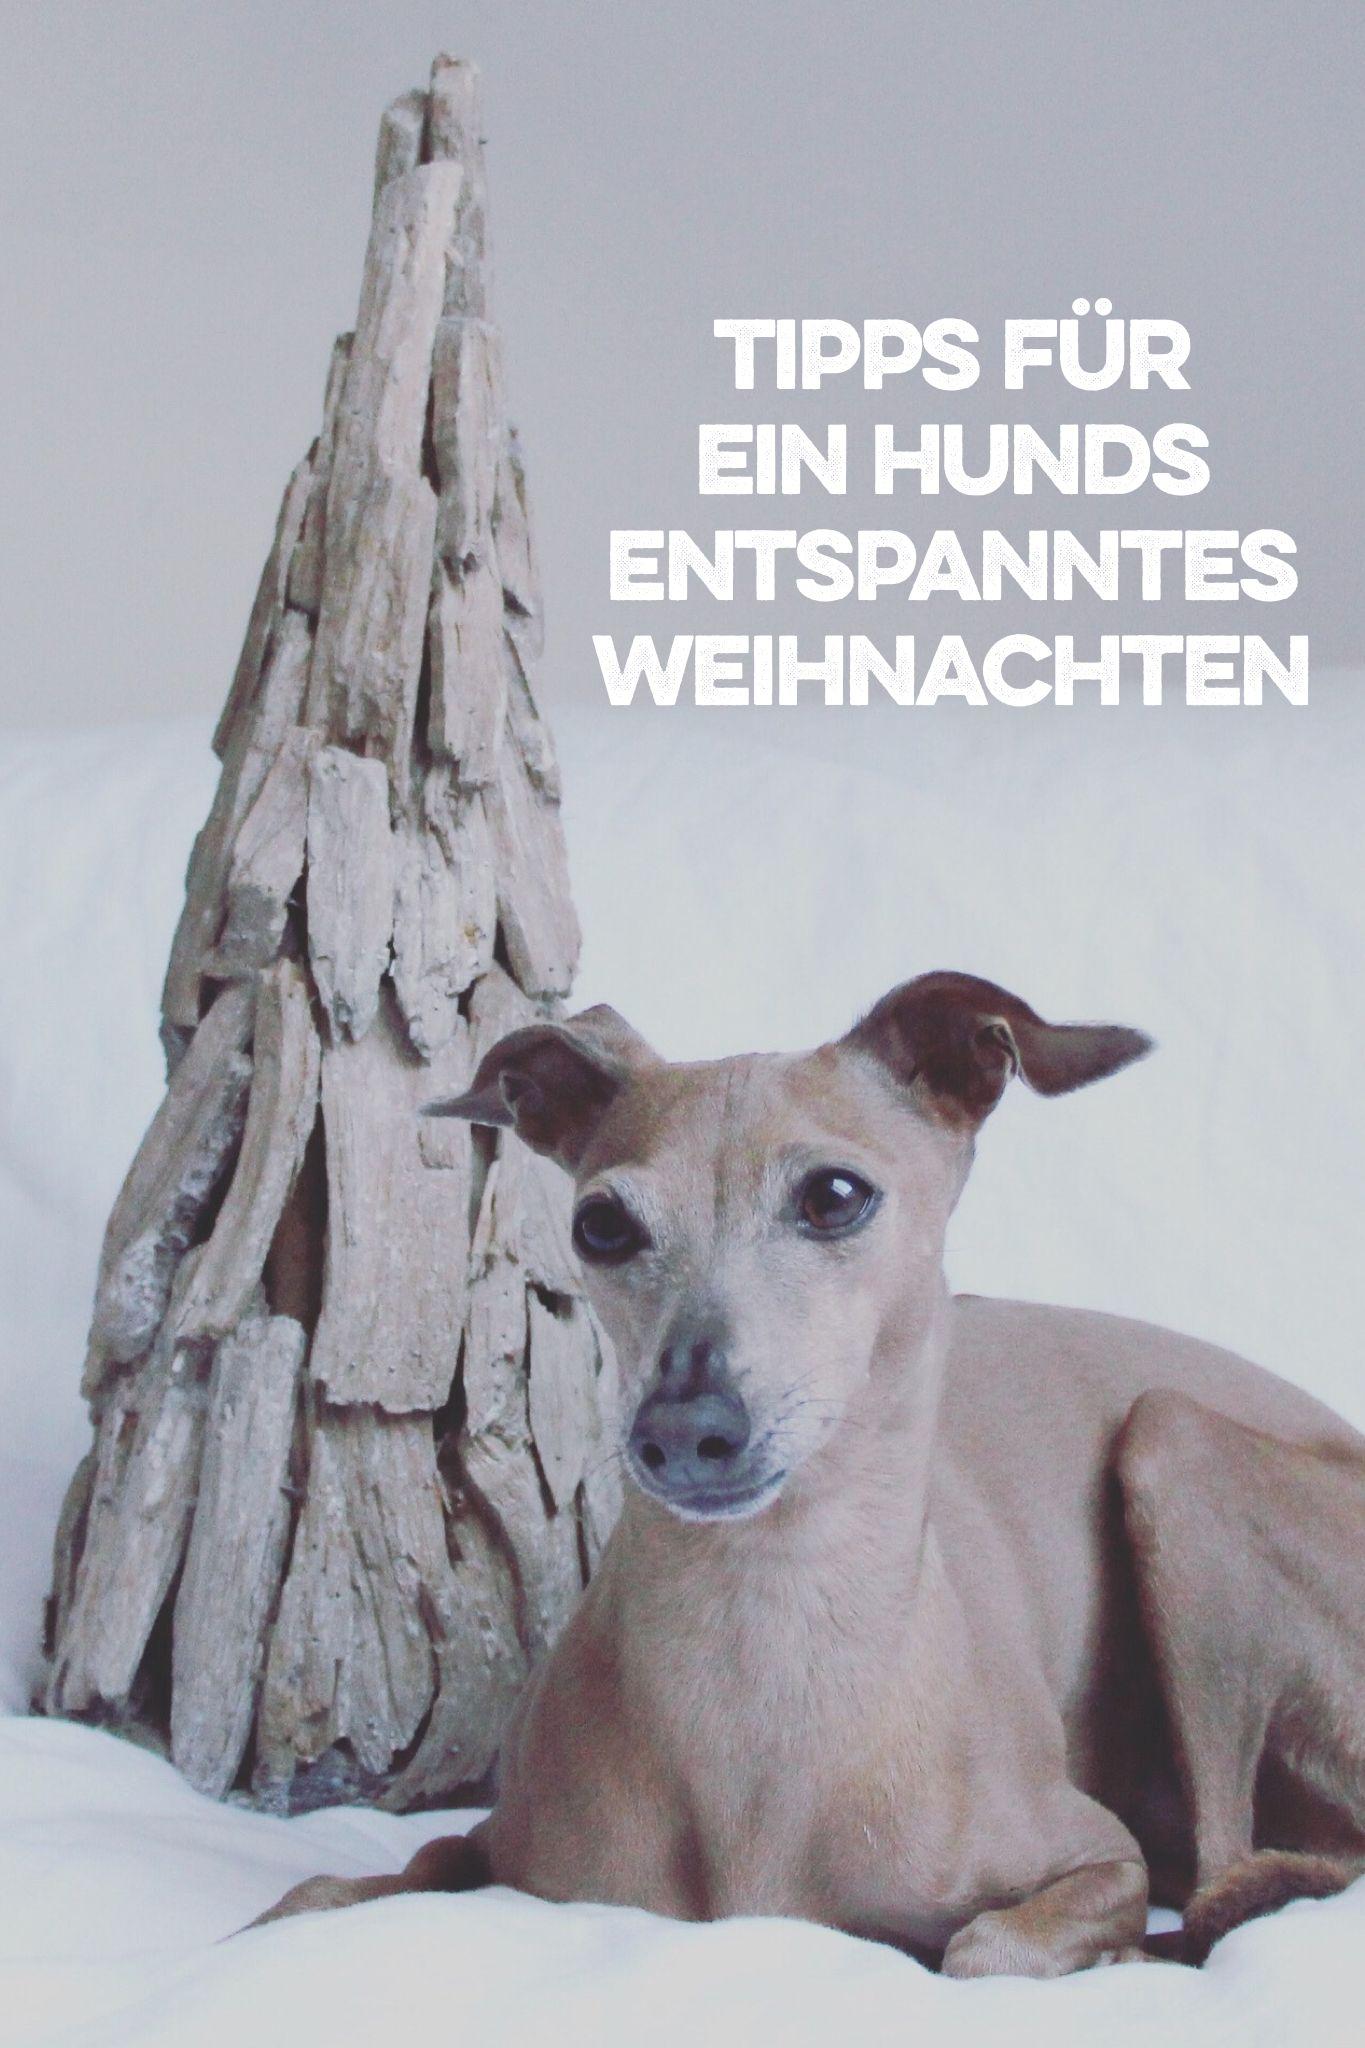 So wird Euer Weihnachten hundsentspannt [Anzeige] | Hunde ...